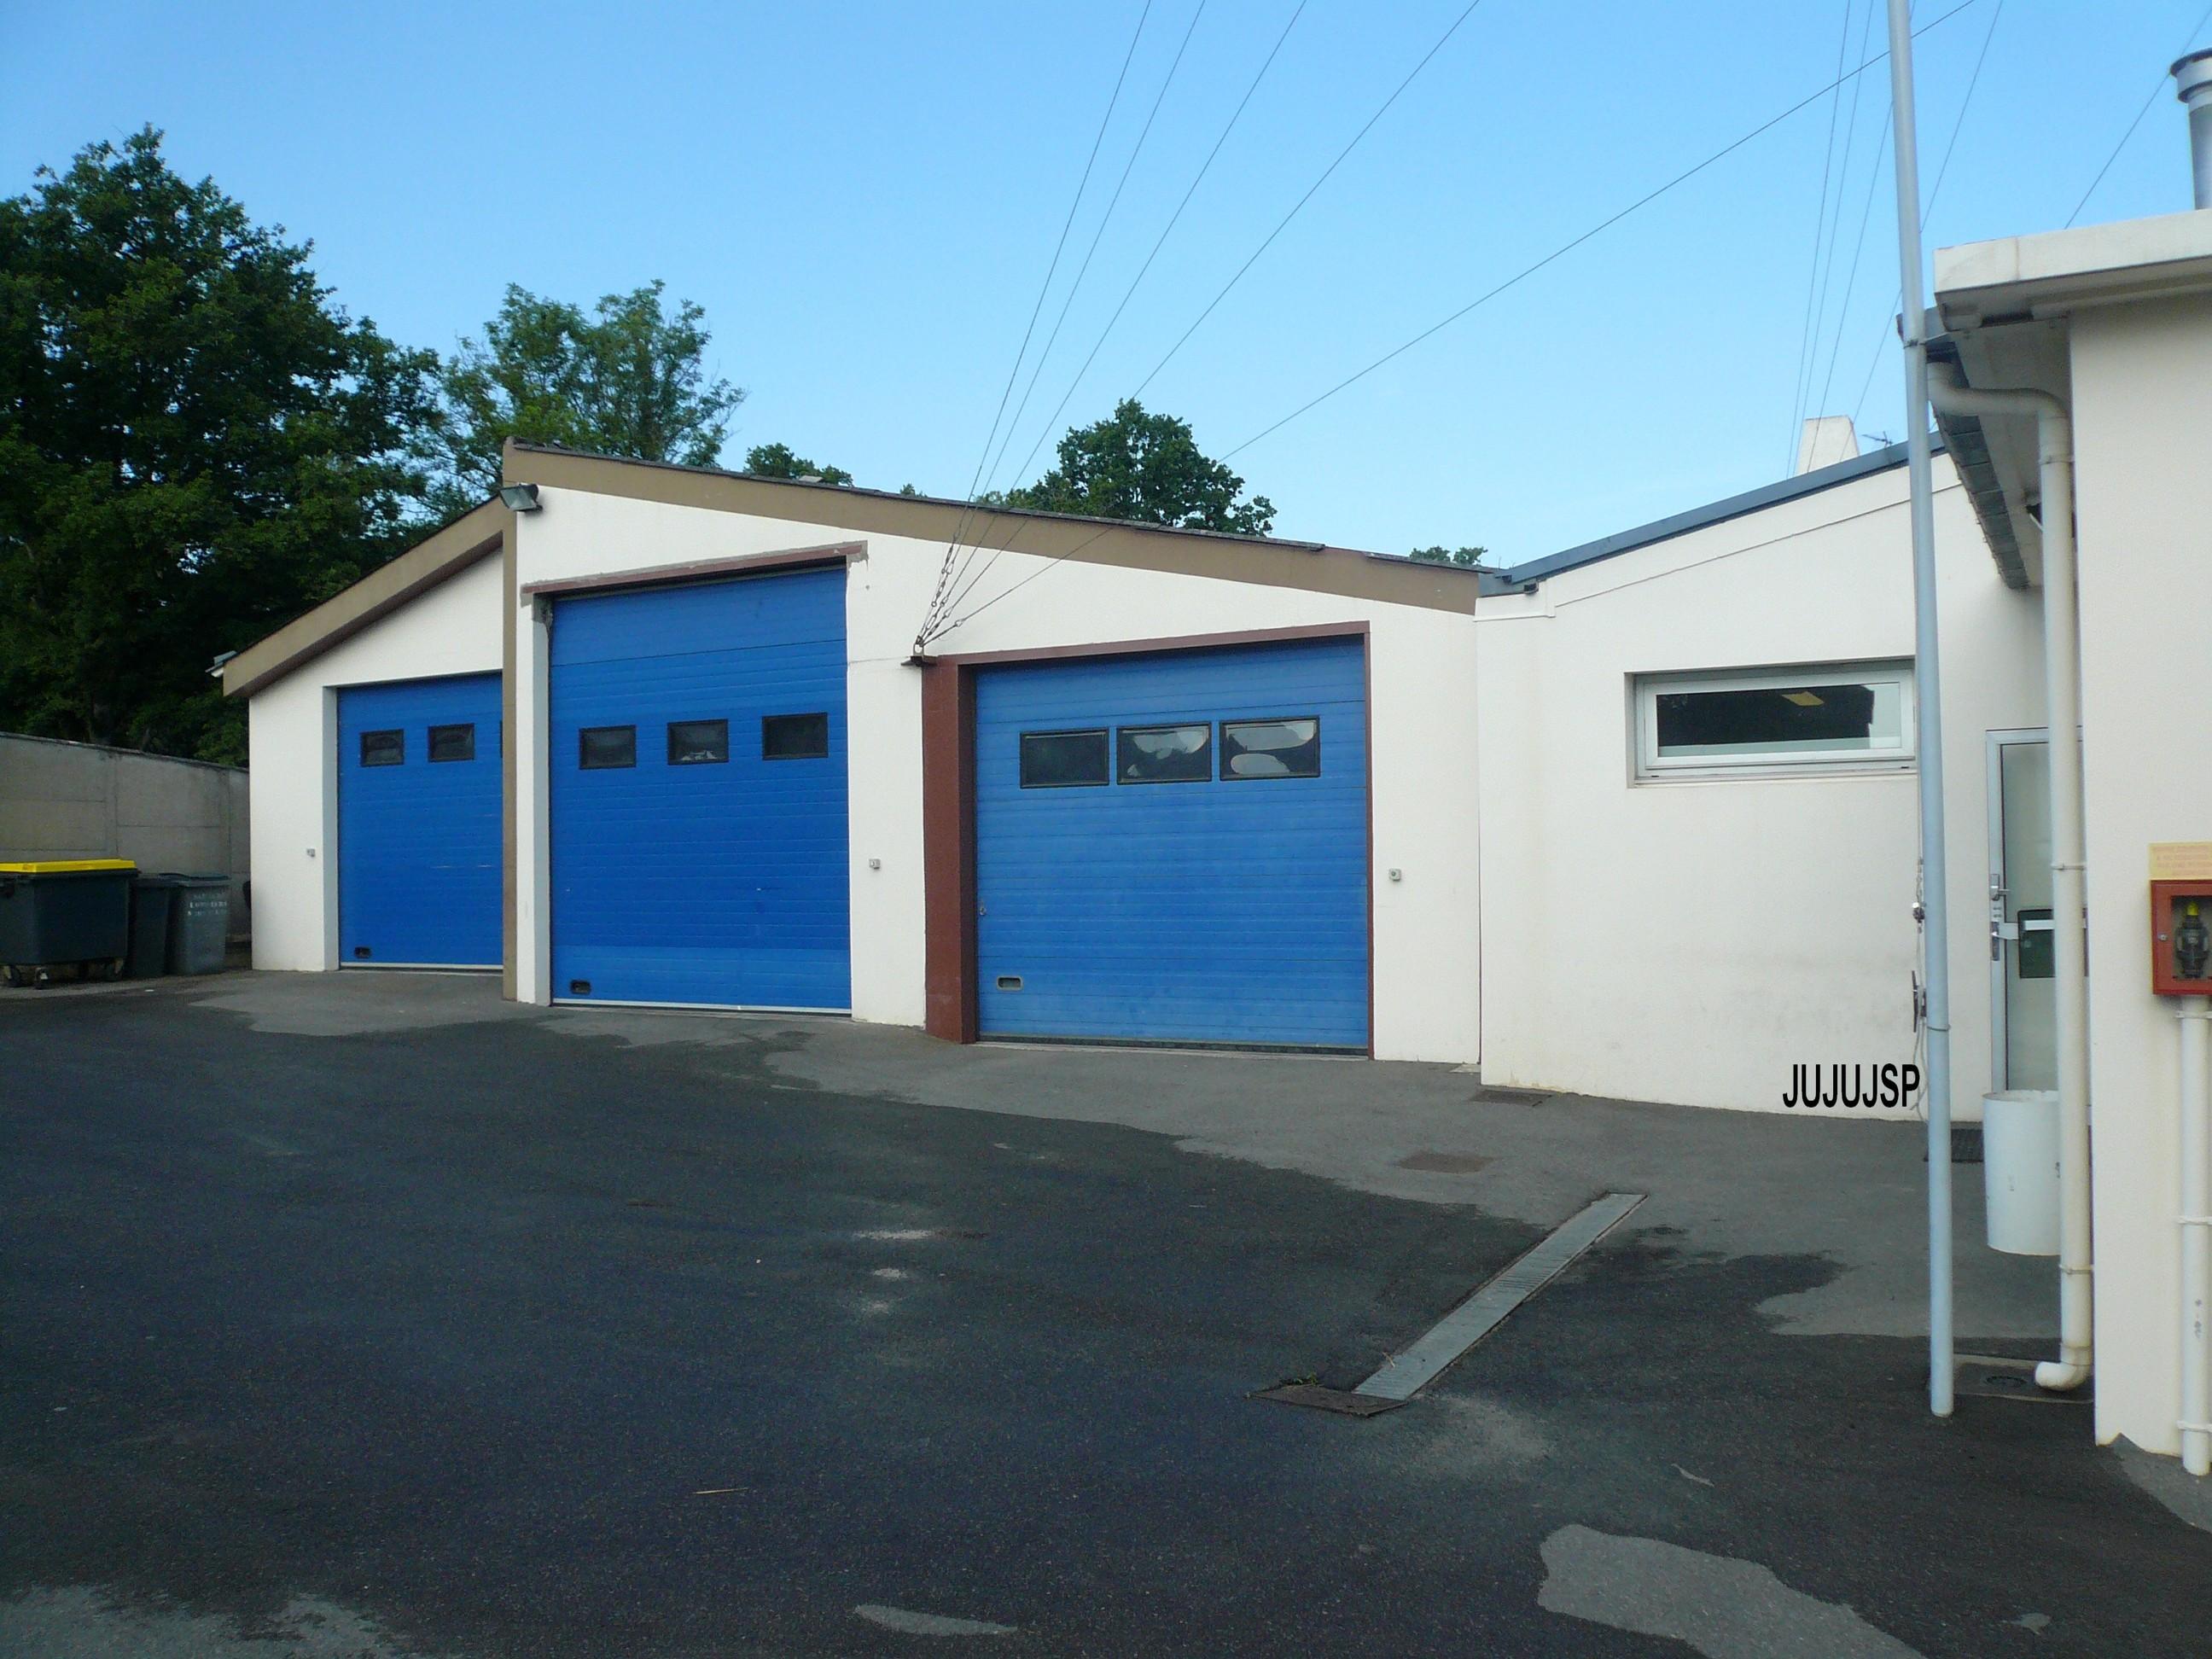 V hicules des pompiers fran ais page 1171 auto titre for Garage coueron voiture